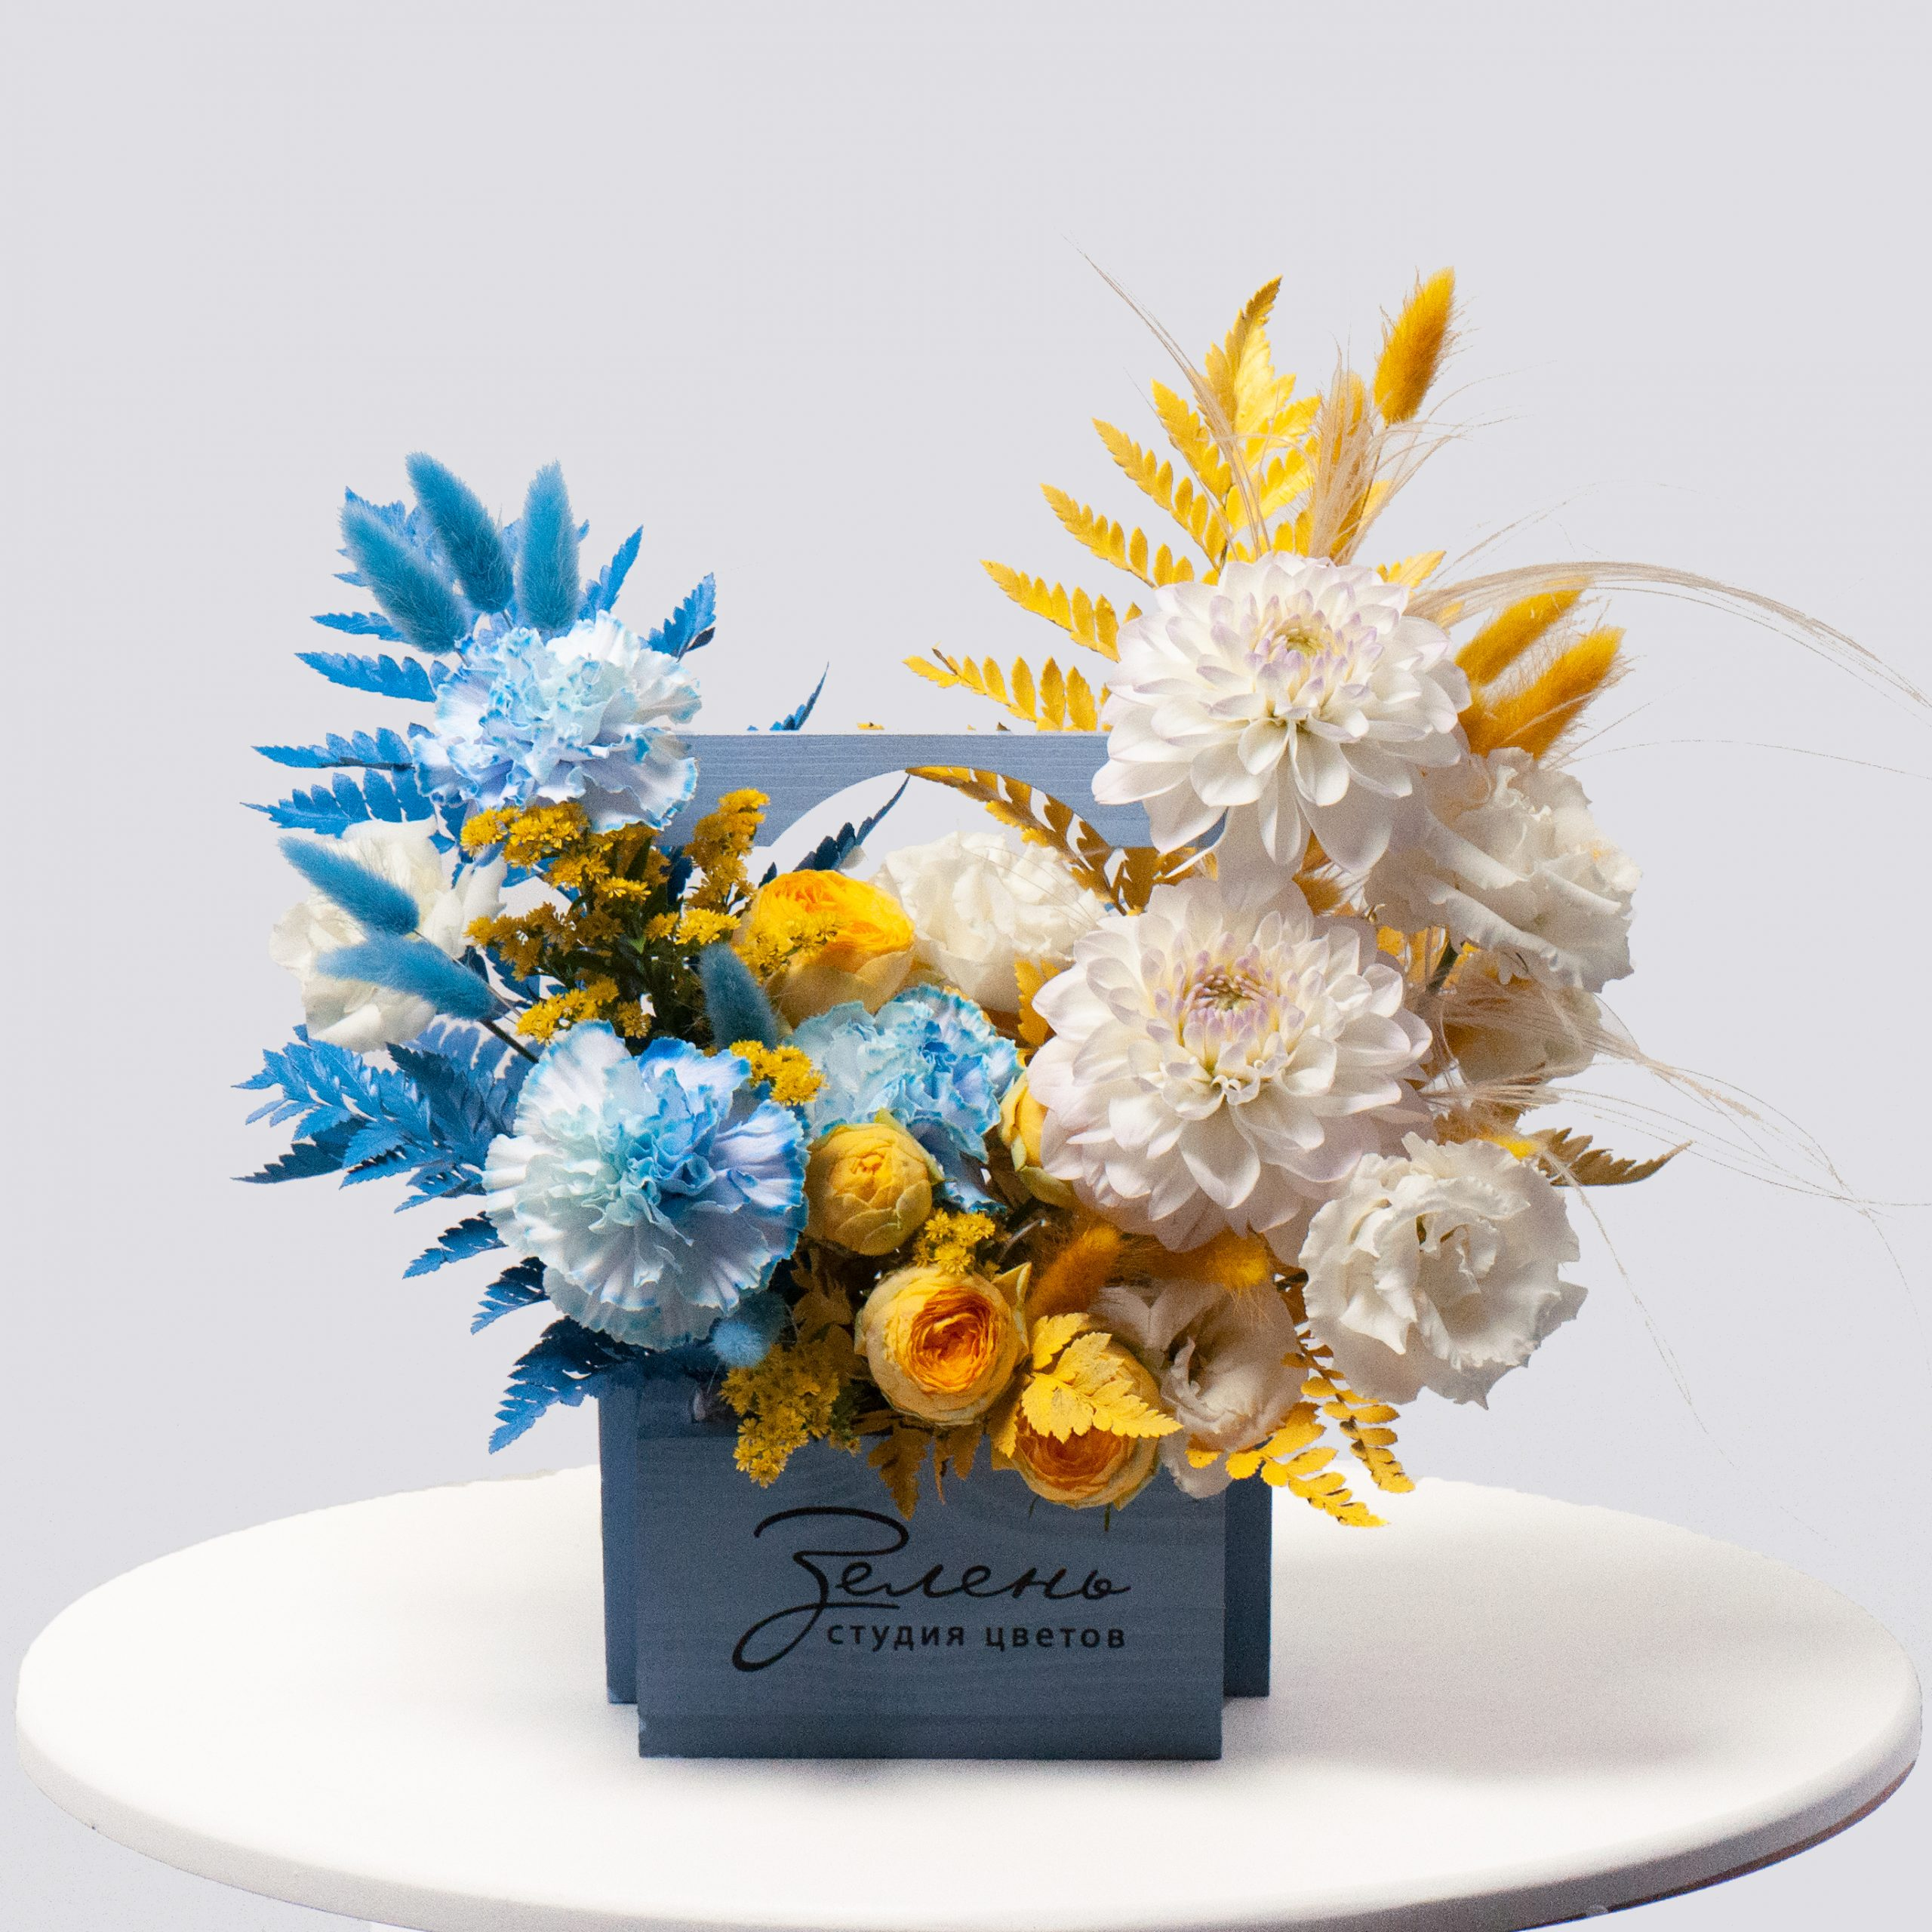 Ящик в сине-белой гамме №24 - купить цветы в Санкт Петербурге